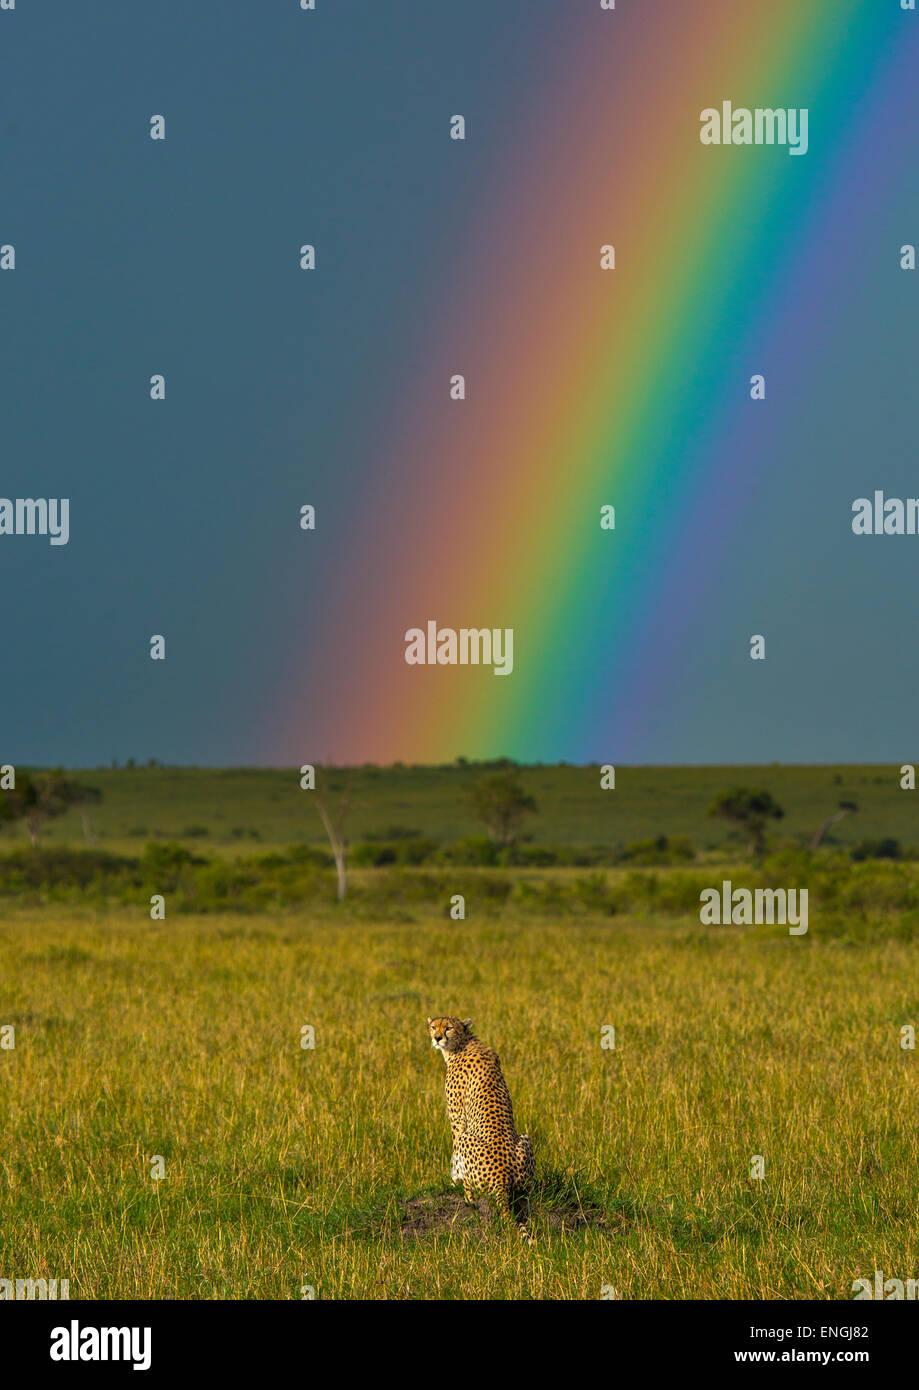 Ghepardo (Acinonyx jubatus) nella parte anteriore di un arcobaleno, Rift Valley Provincia, il Masai Mara, Kenya Immagini Stock